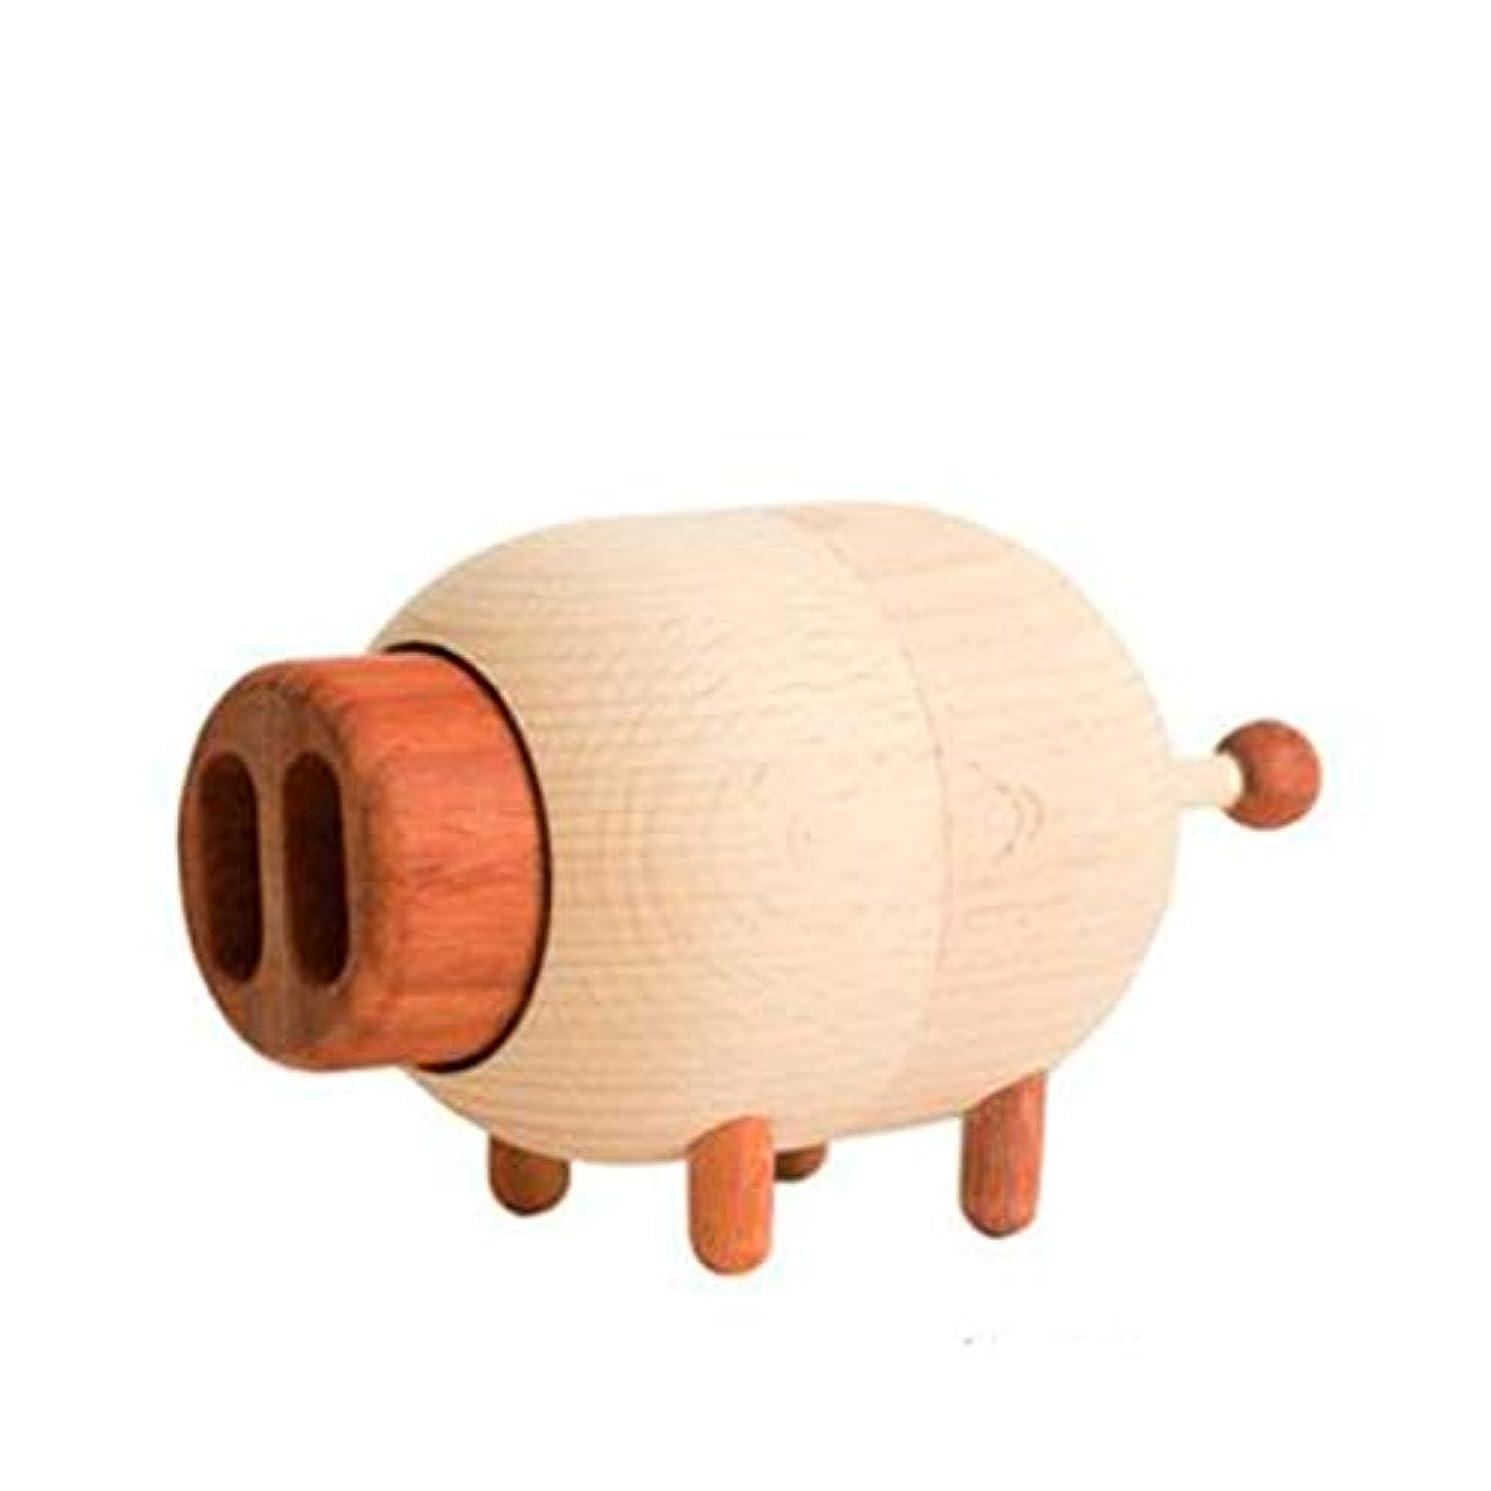 ネットコスチューム安全Chengjinxiang ギフト豚オルゴールスカイシティオルゴール木製回転クリエイティブ送信女の子カップル誕生日ギフト,クリエイティブギフト (Style : Pig)